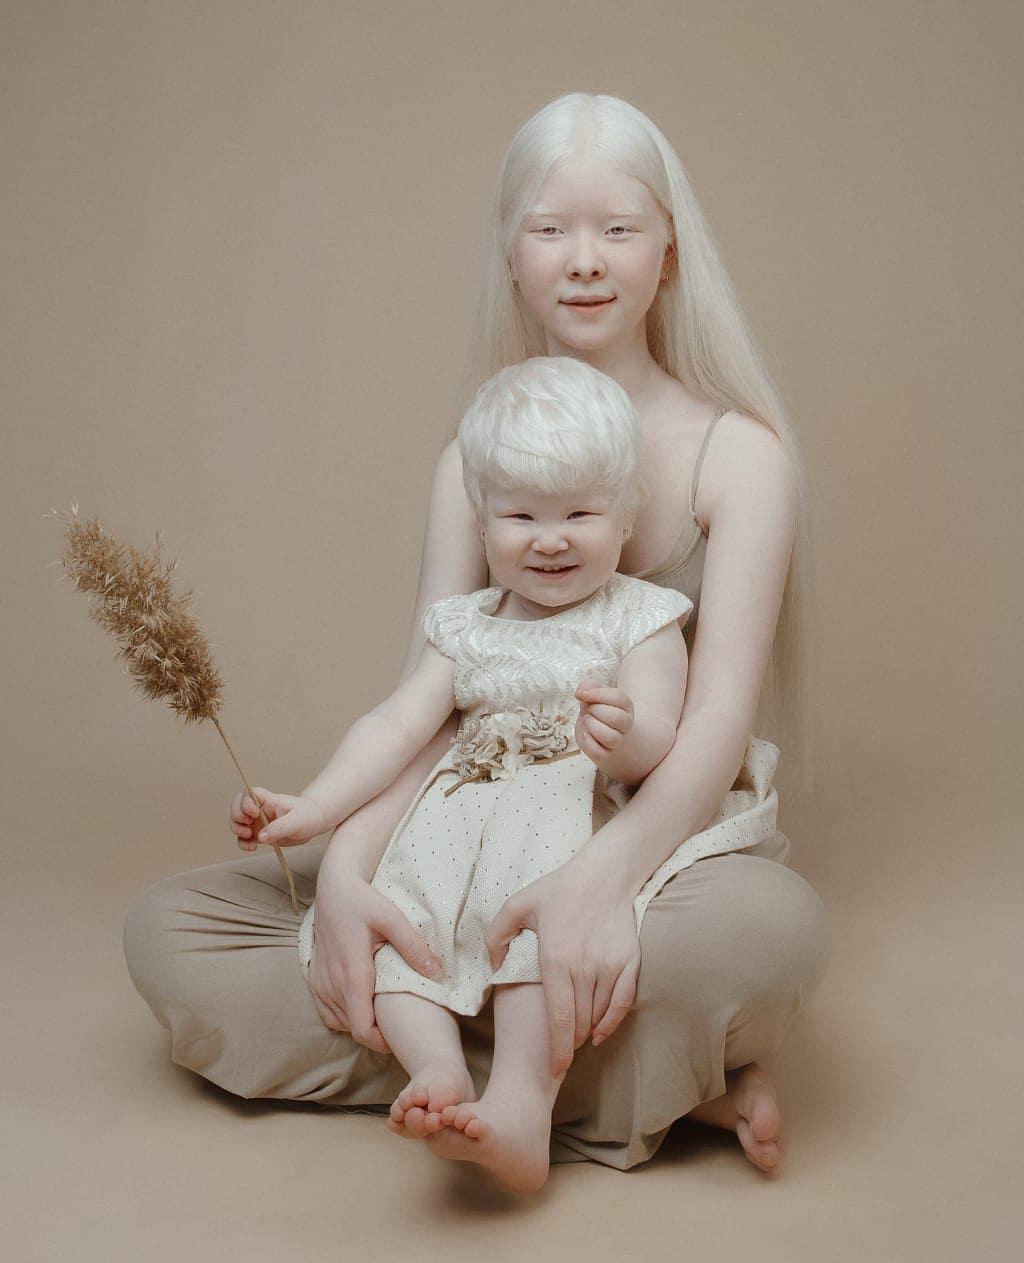 Сёстры-альбиносы родились с разницей в 12 лет и покорили мир моды своей уникальностью необычной внешностью